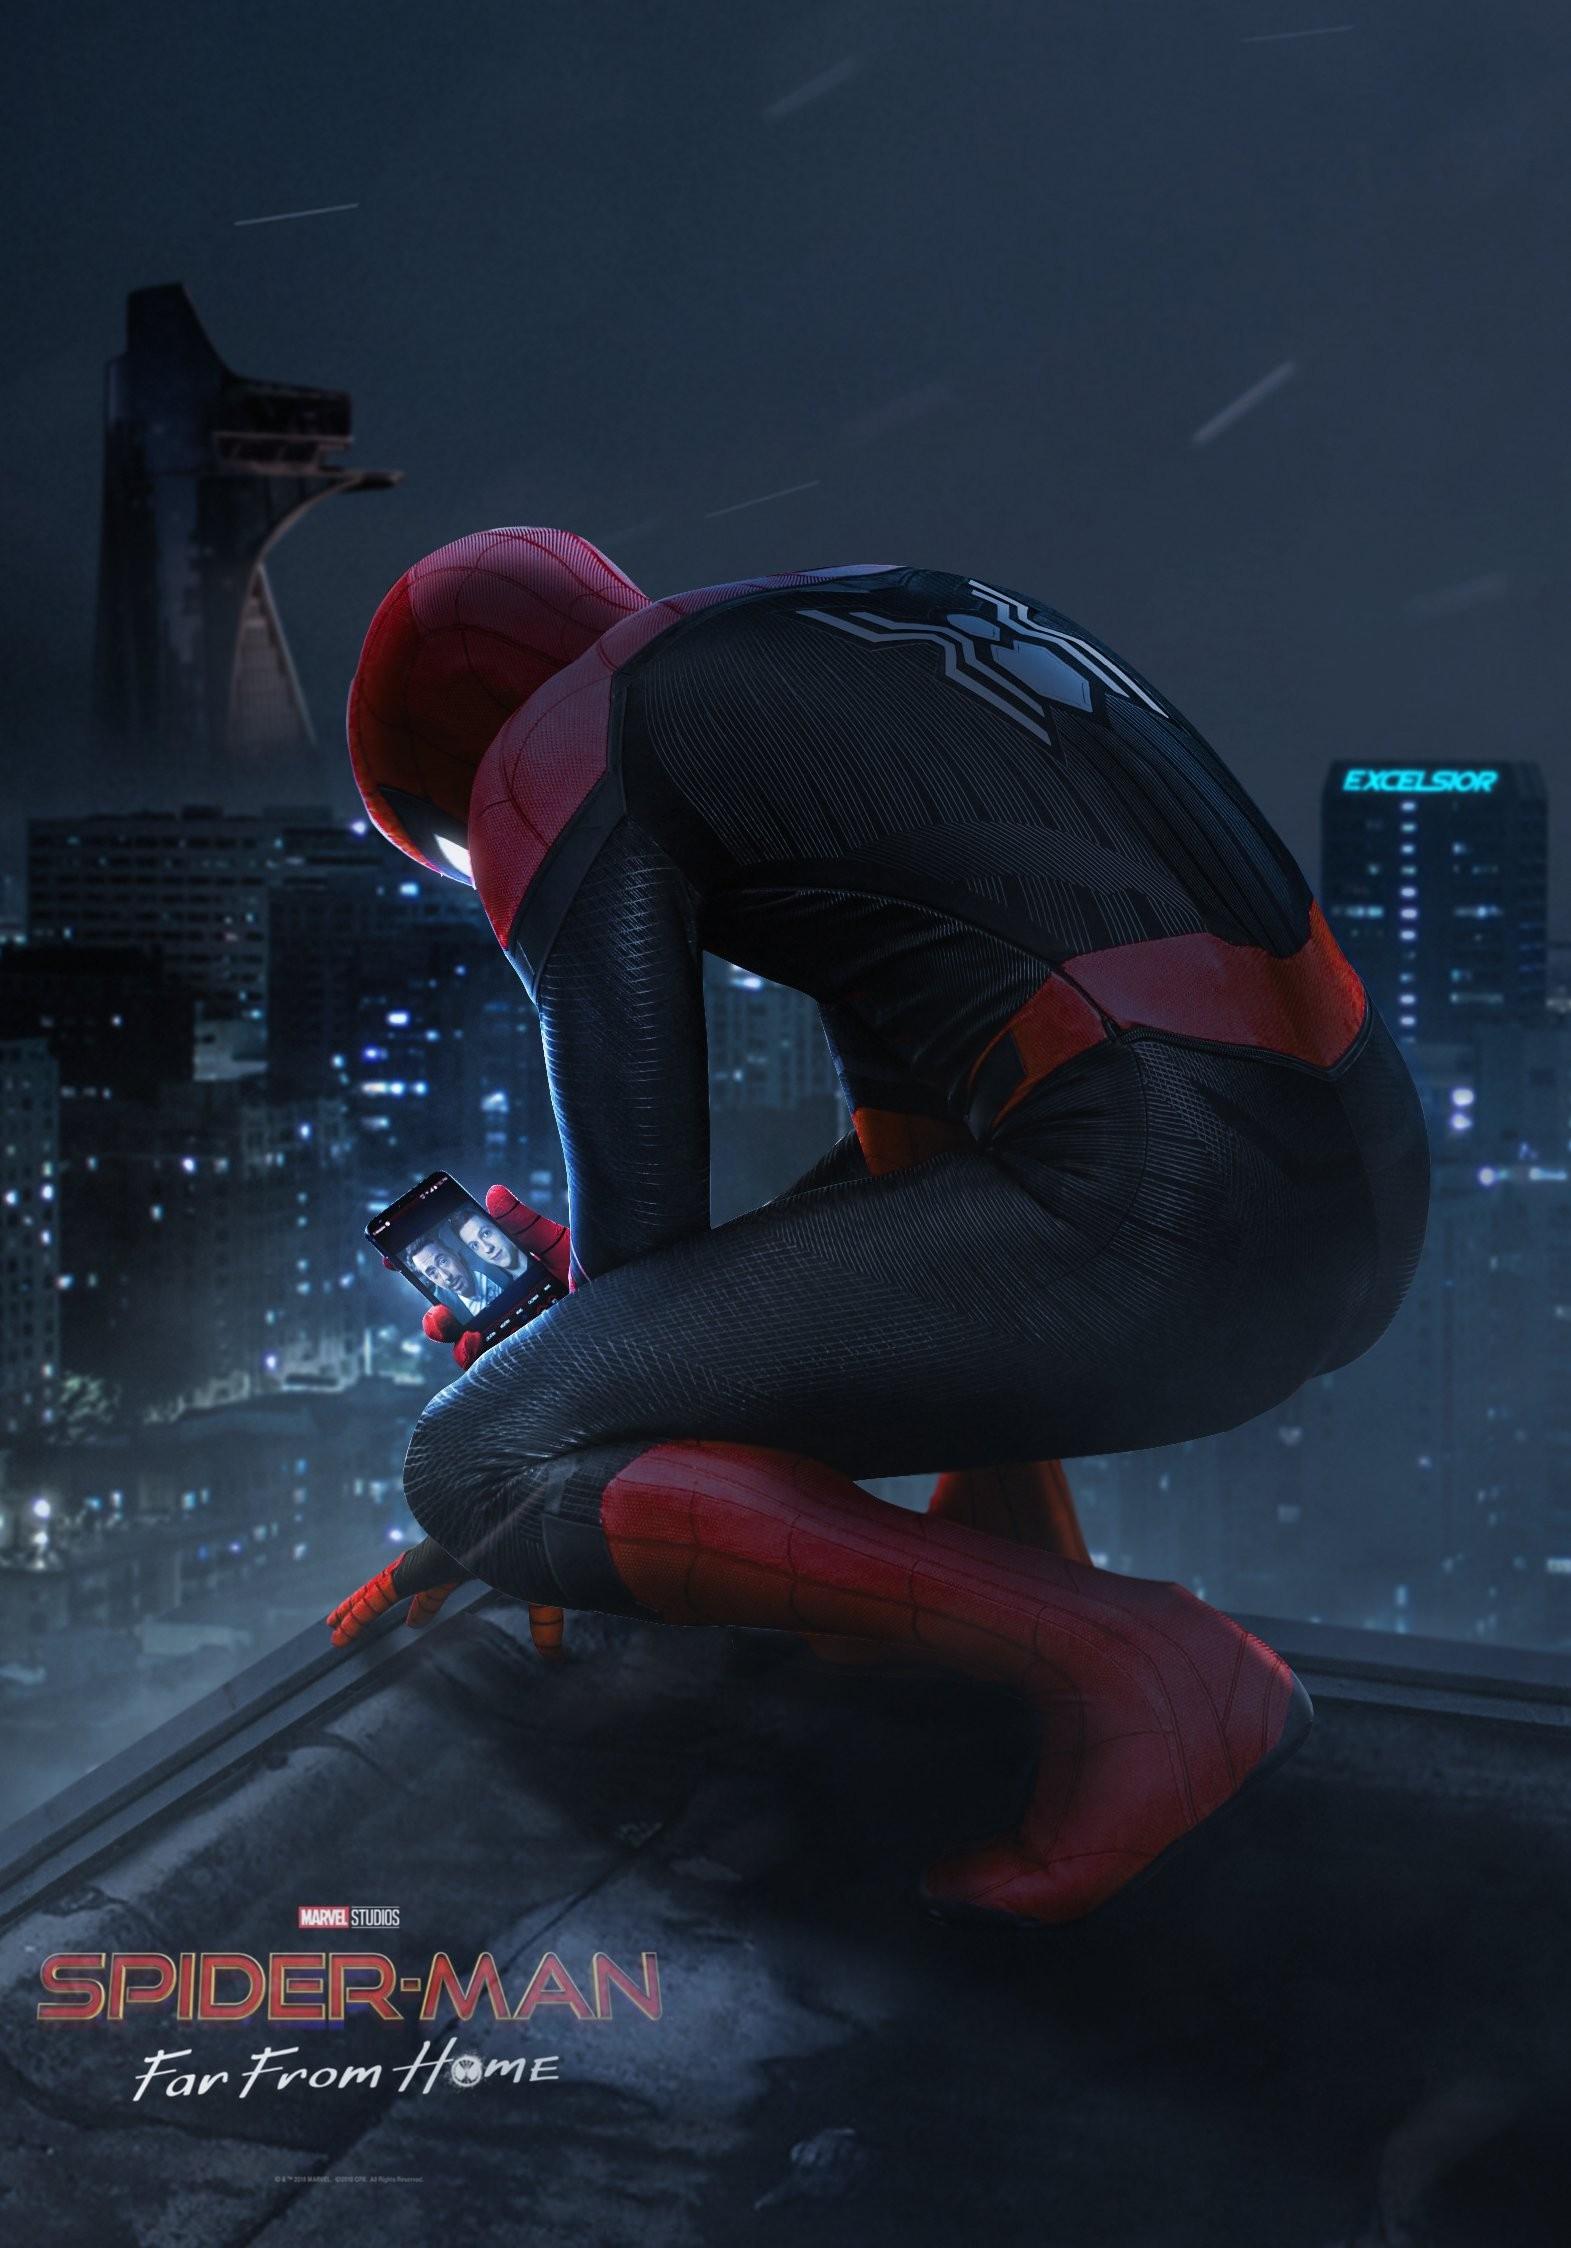 Spider-man: Far From Home thật sự đáng xem hay nhạt nhẽo? - Ảnh 8.